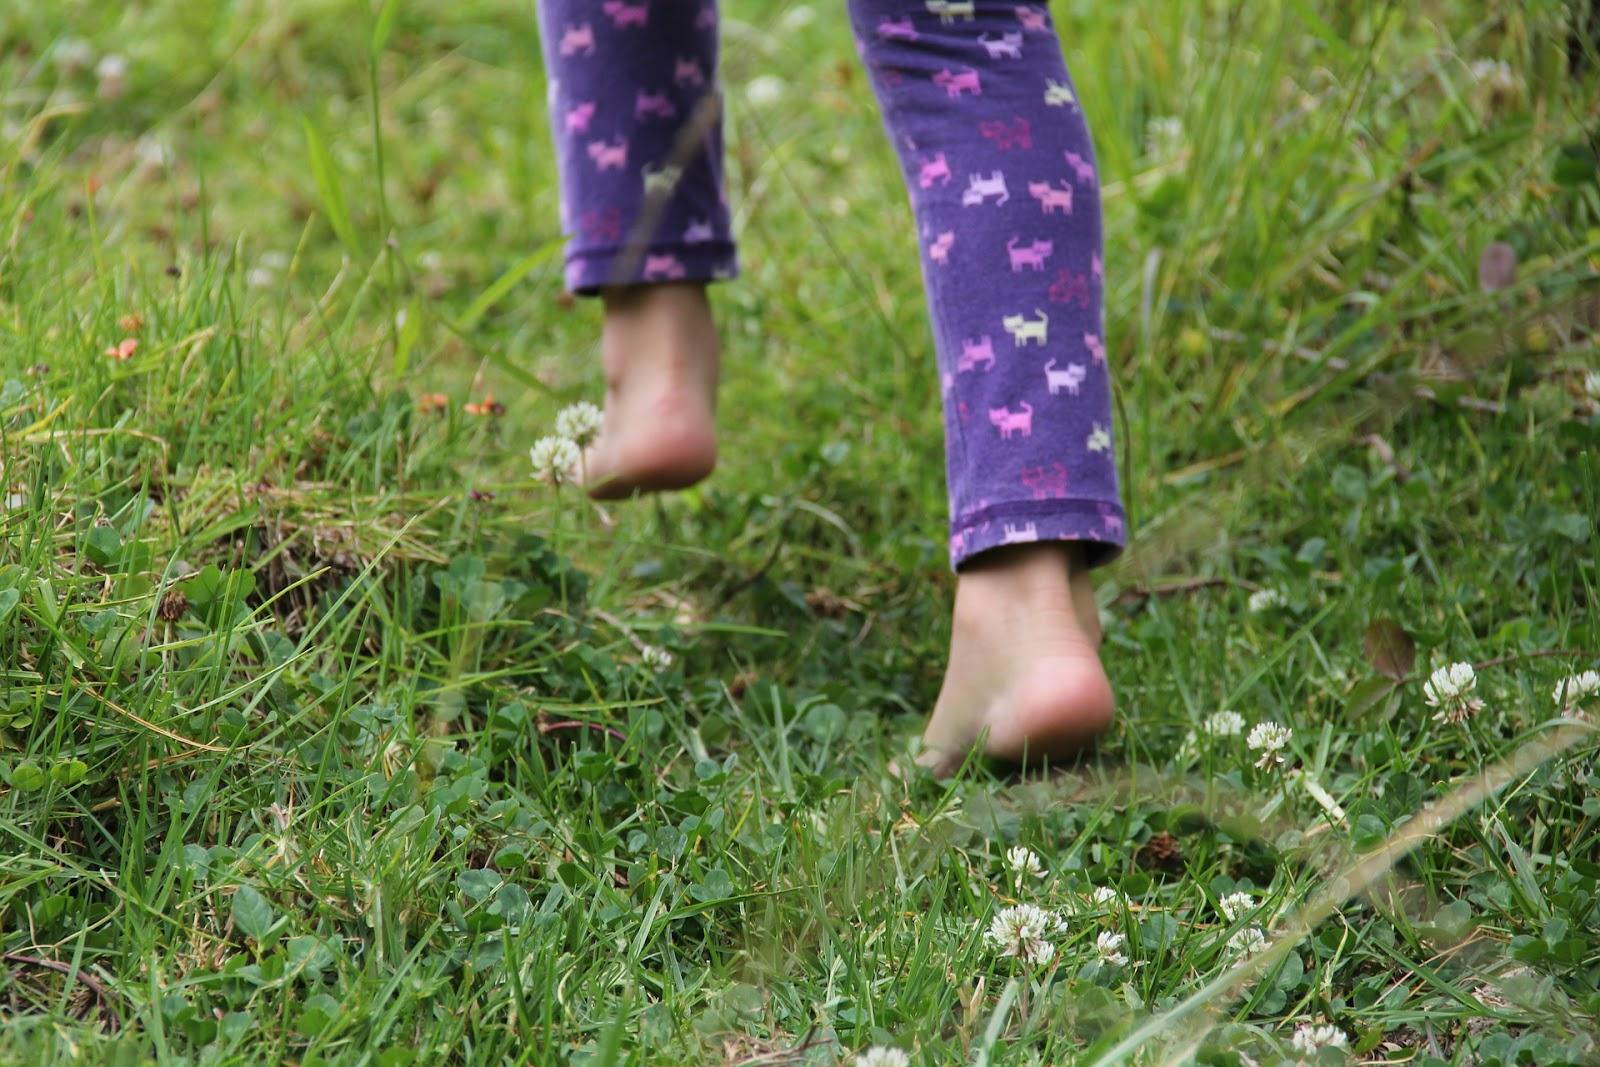 4. Caminar Descalzos sobre la Tierra